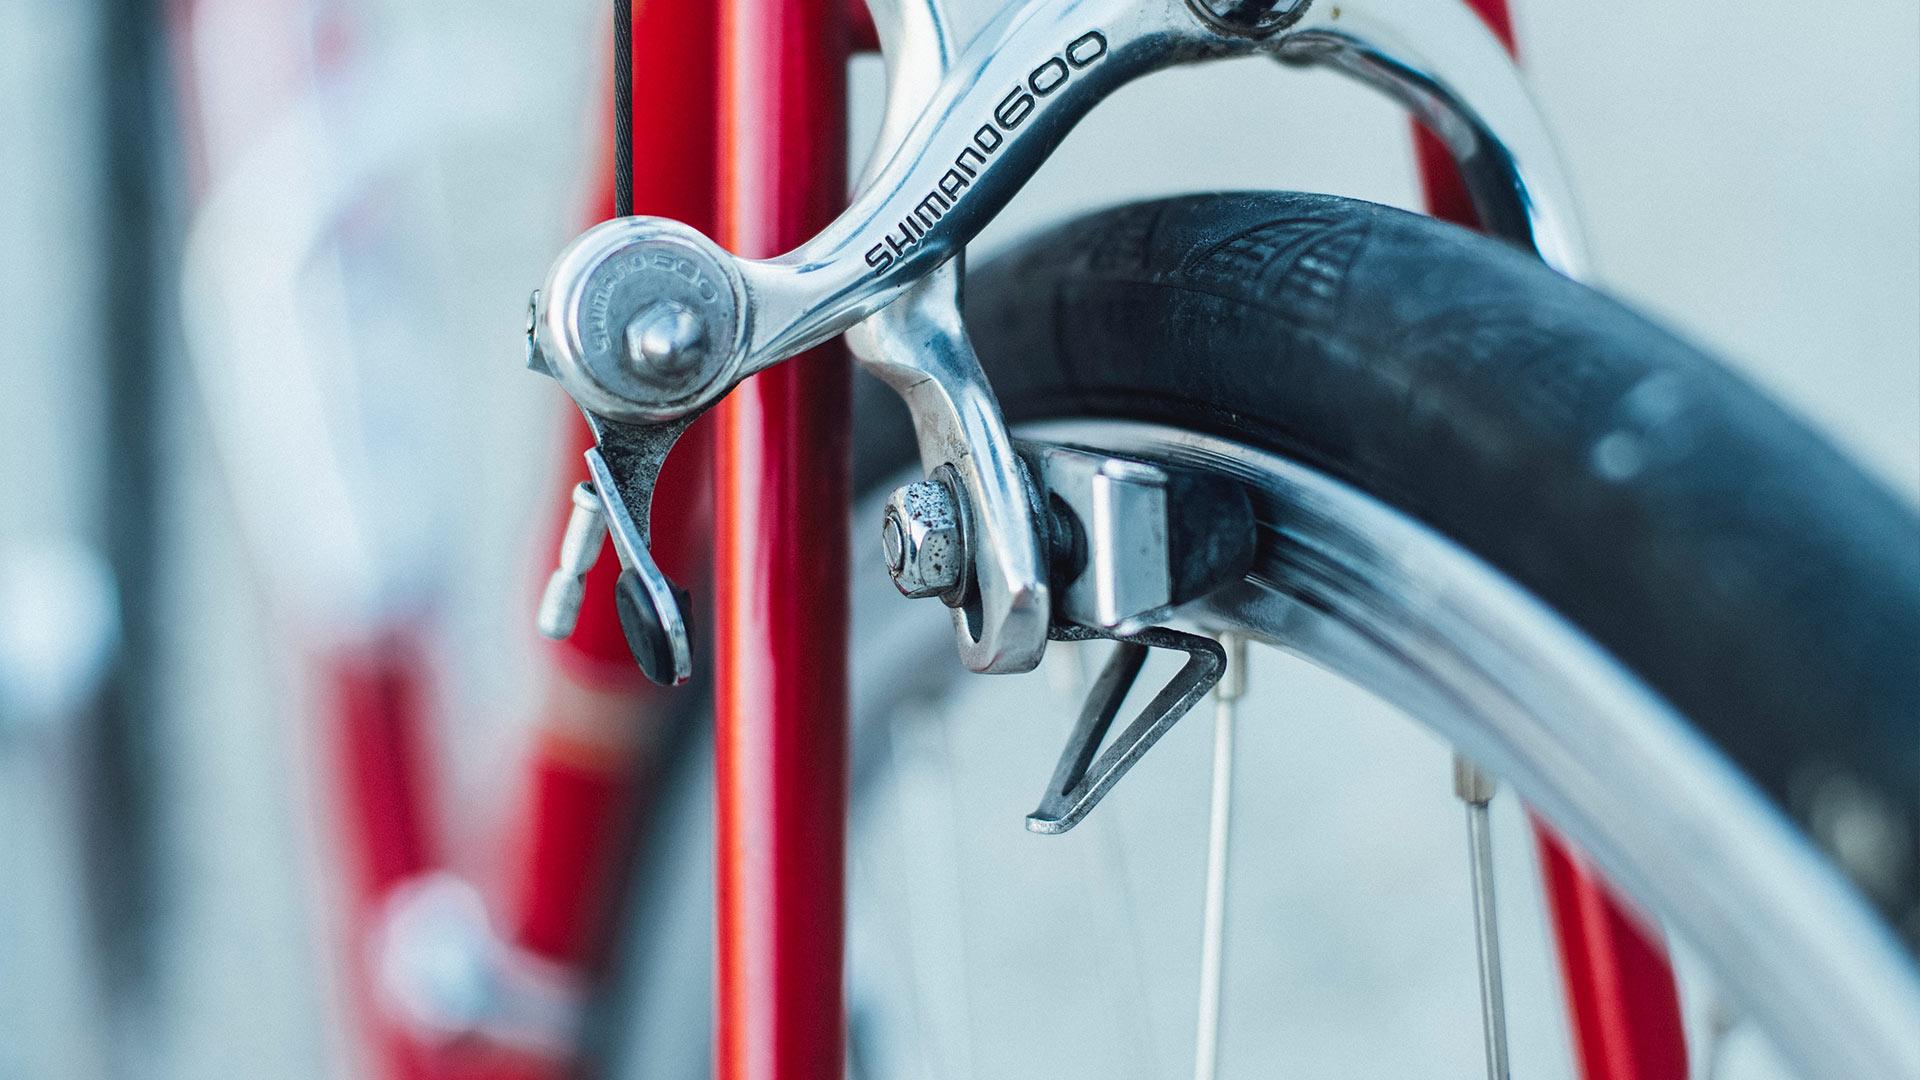 Närbild på cykel